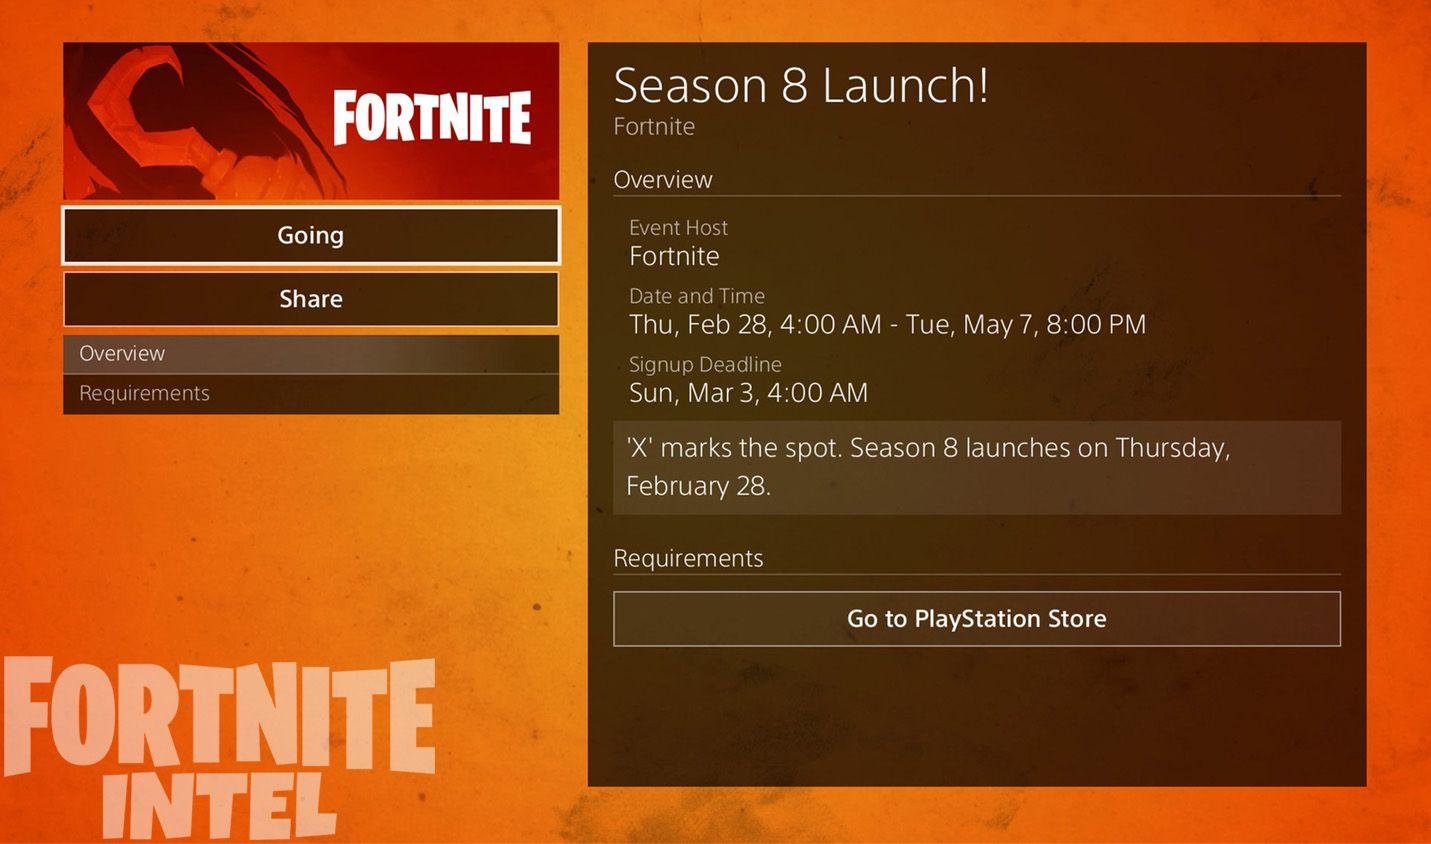 Second Fortnite Season 8 Teaser Pin On Fortnite